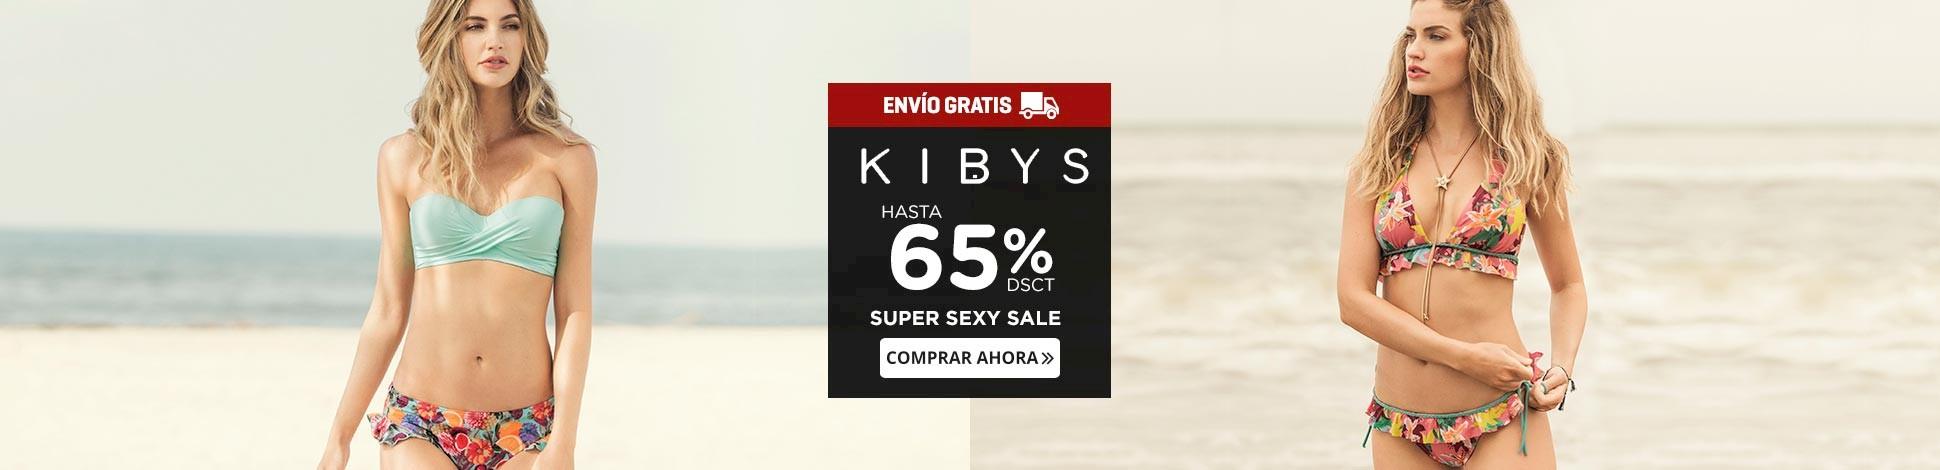 HS-Kibys.jpg | Juntoz.com